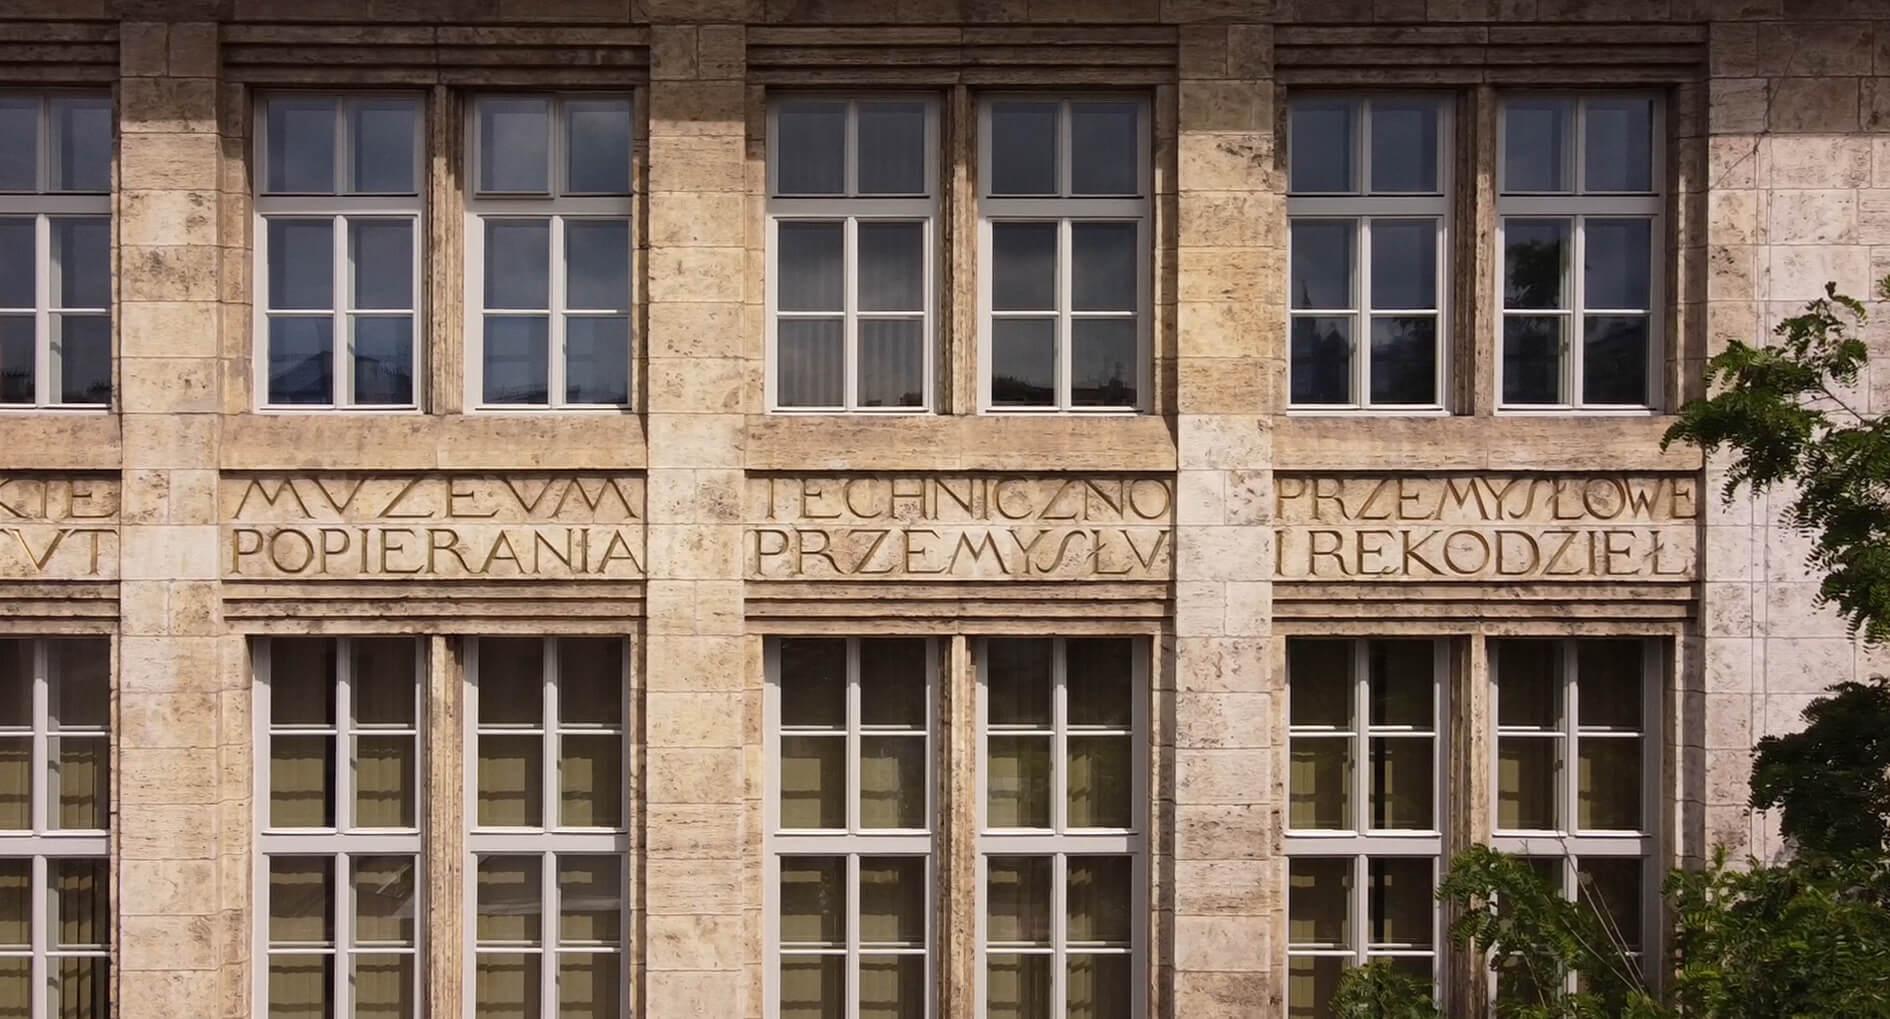 """Fragment kamiennej fasady budynku Wydziału. Między dwoma rzędami okien widoczny fragment wykutego napisu o treści """"Muzeum Techniczno-Przemysłowe popierania przemysłu i rękodzieł"""